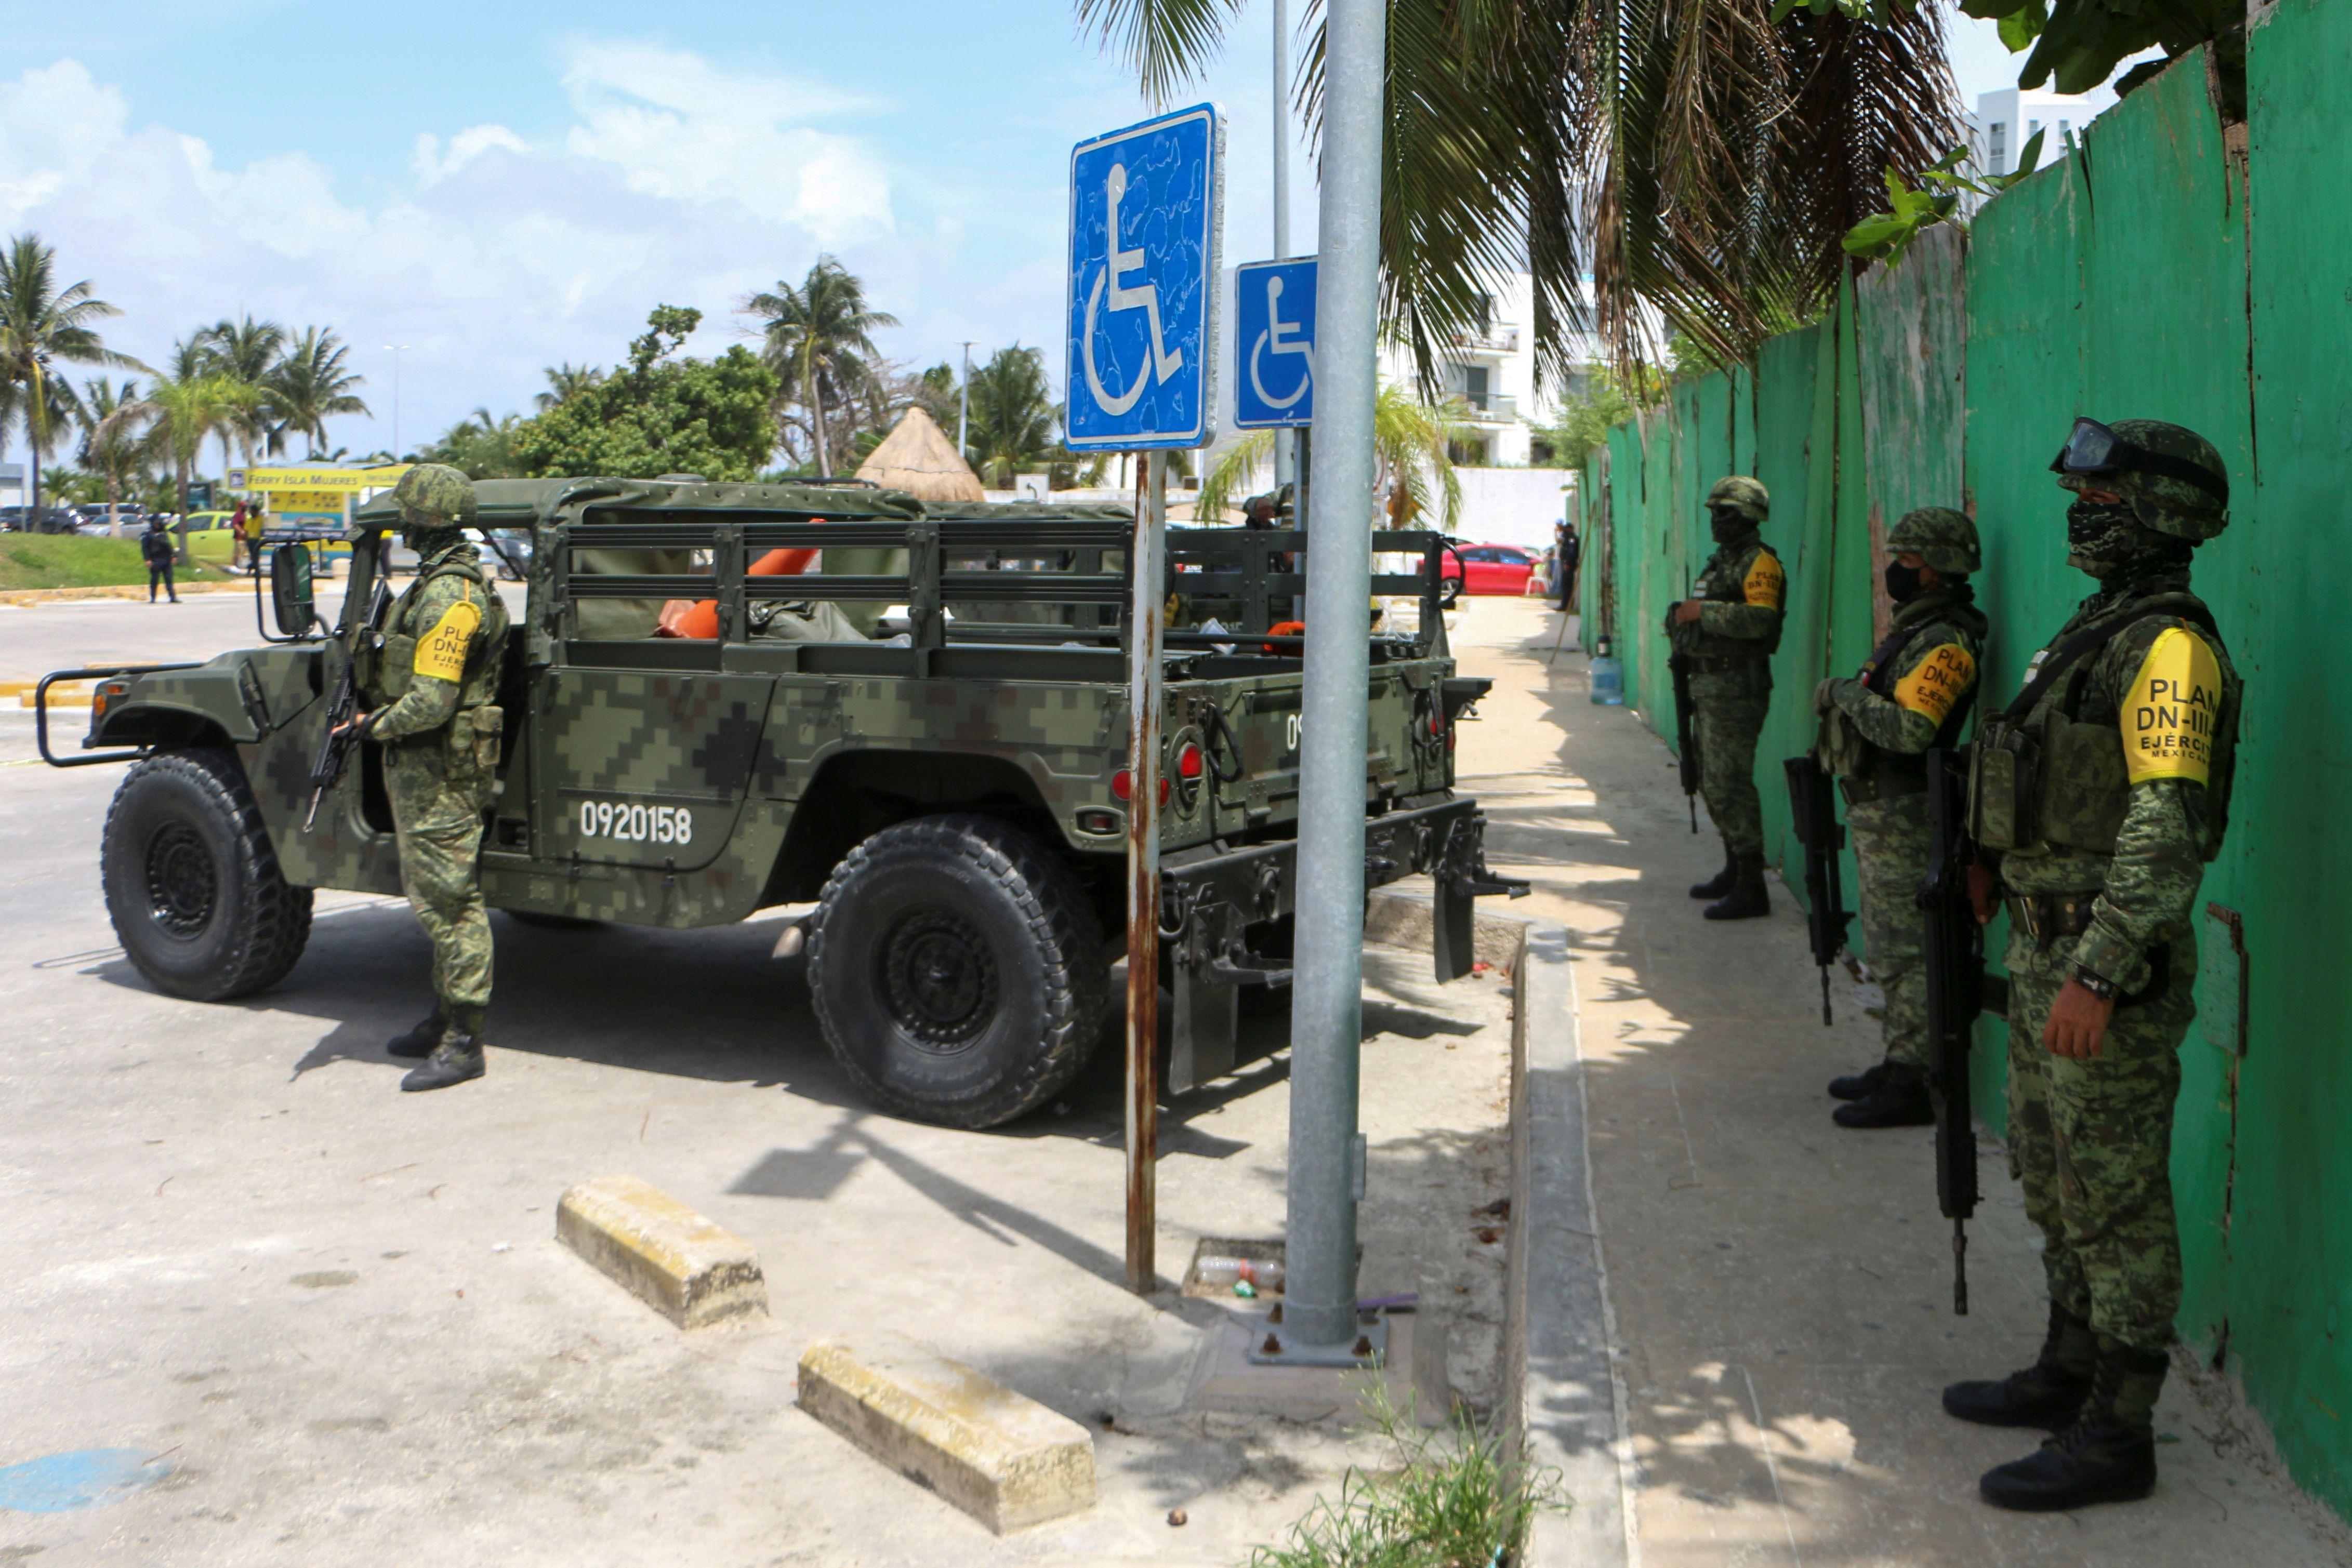 Un guardia de seguridad fue asesinado en Cancún (Foto: REUTERS/Paola Chiamonte)